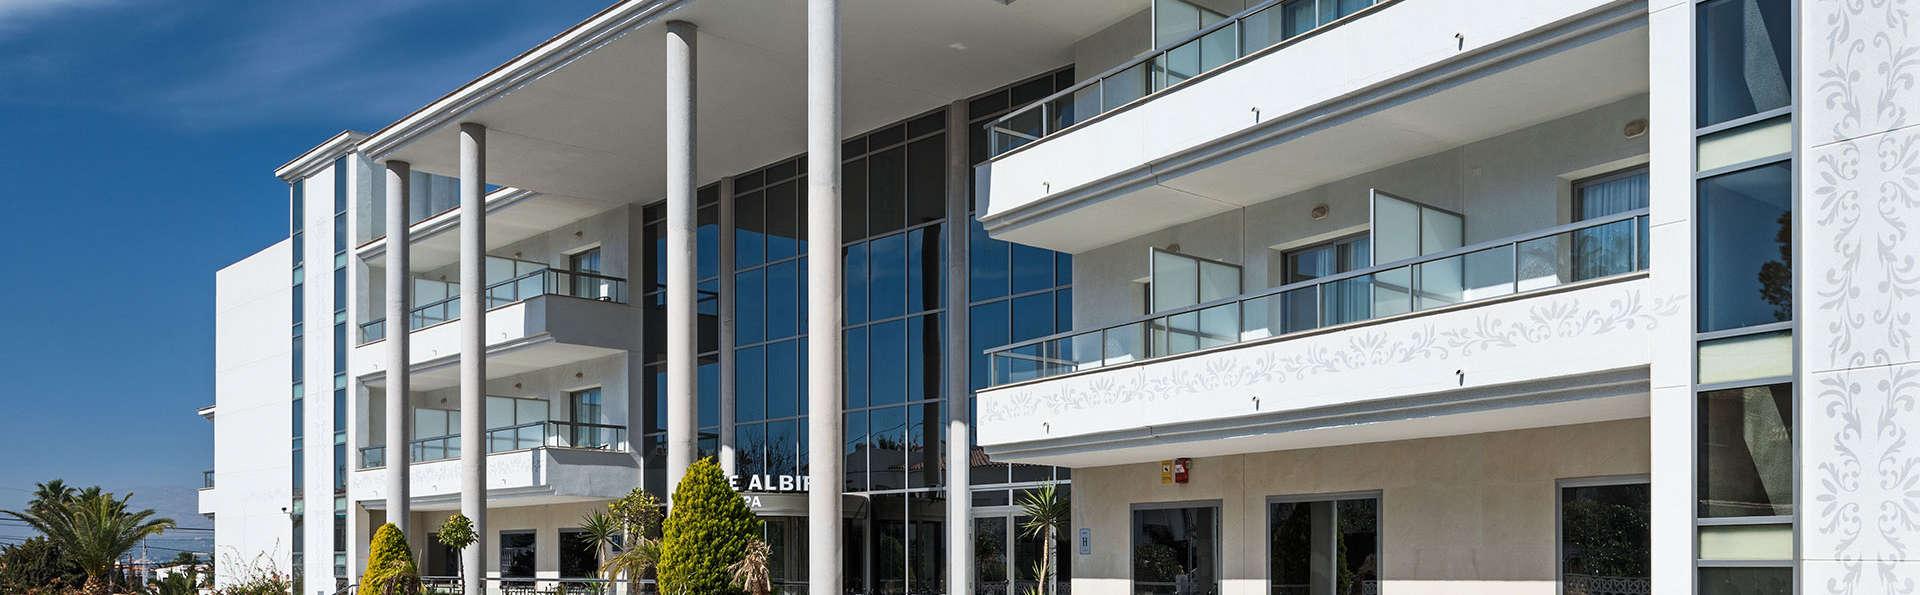 Hotel Sun Palace Albir - EDIT_front2.jpg